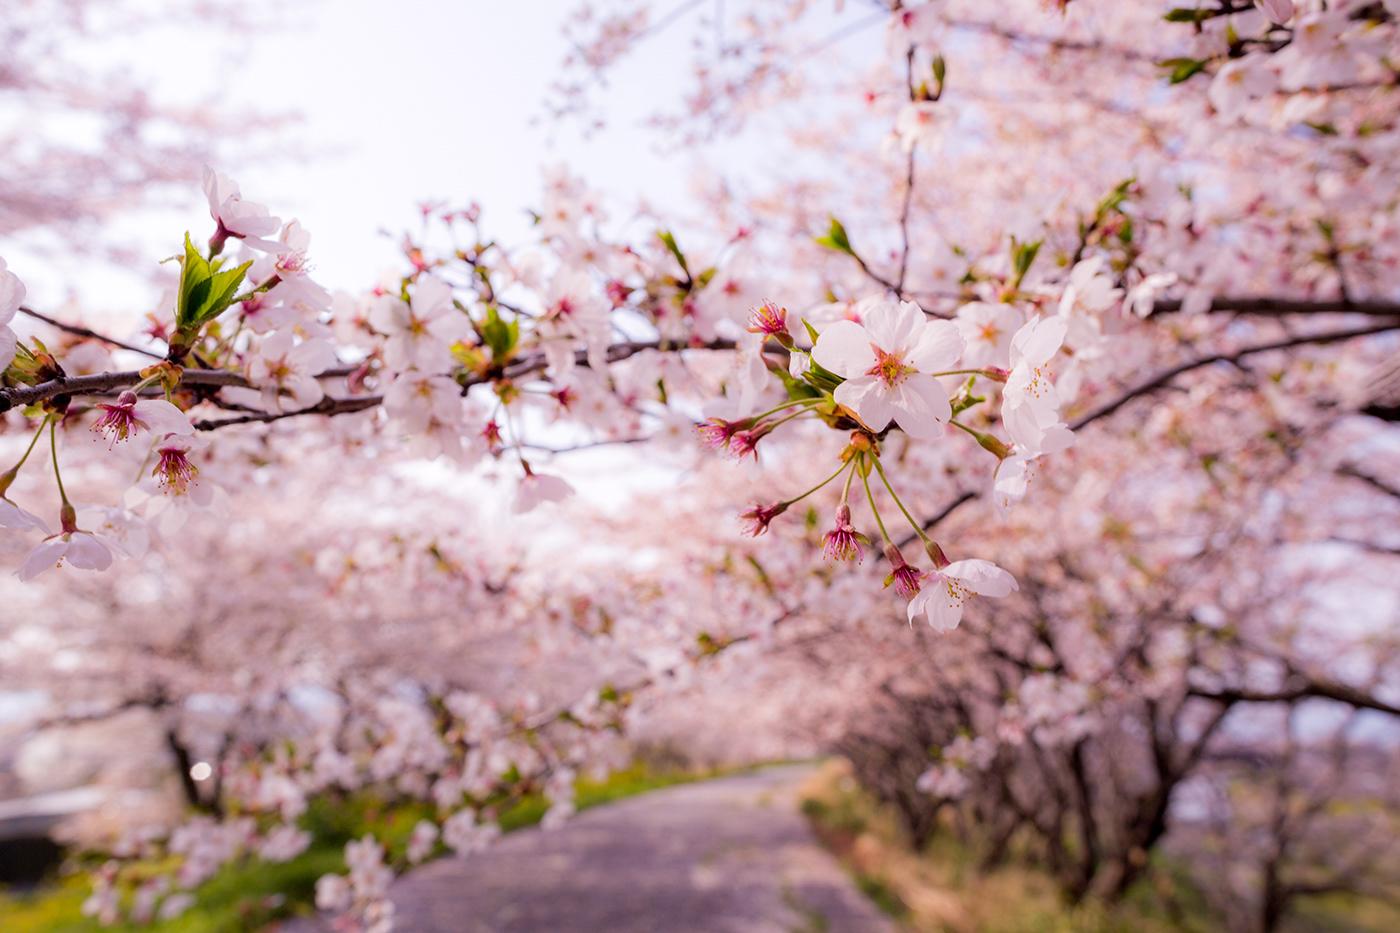 SAKURA(cherry blossom) 2018 on Behance